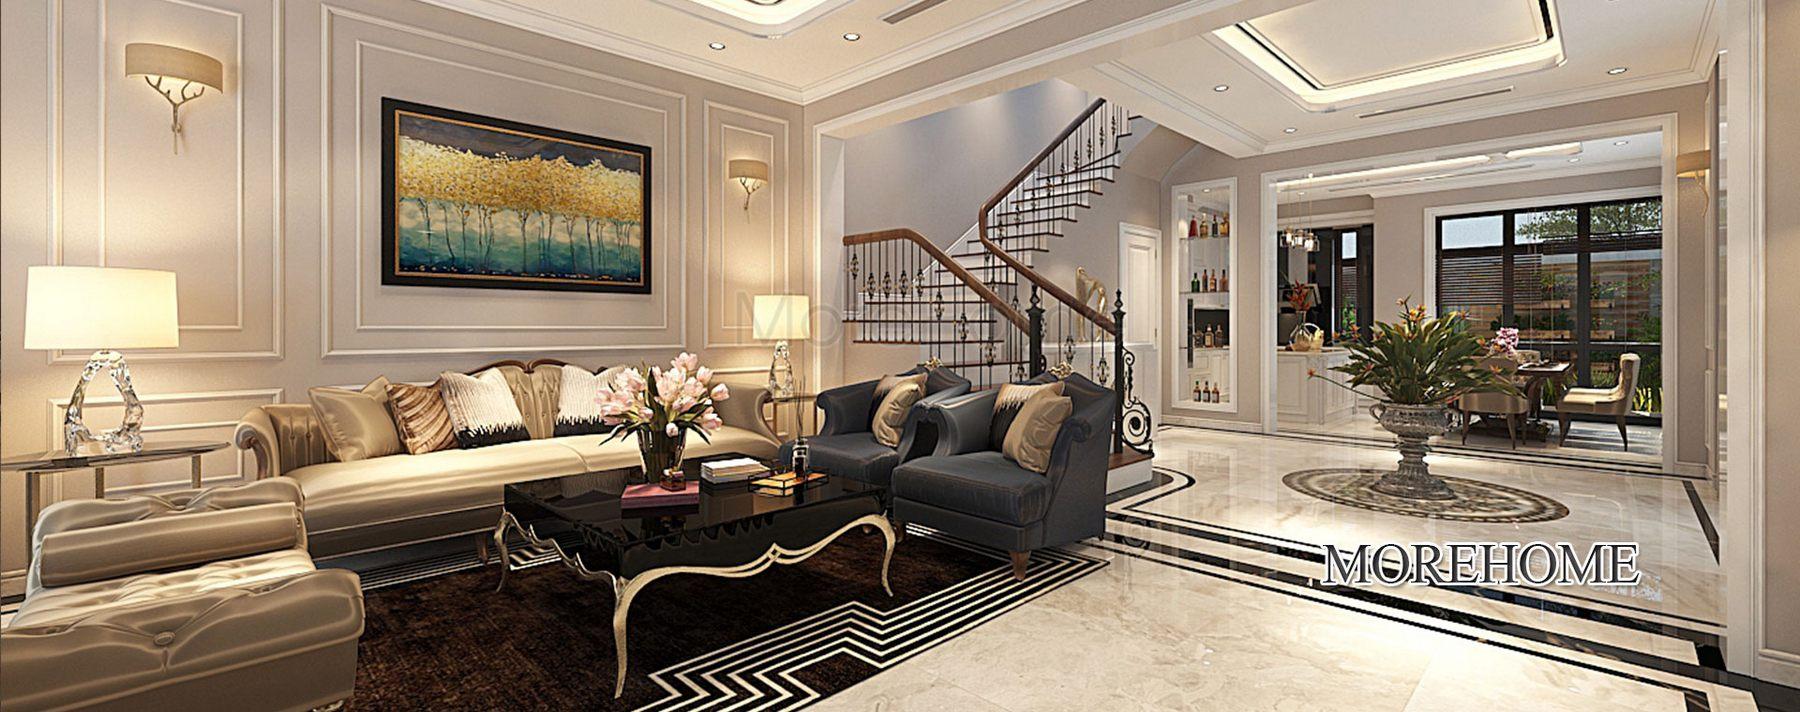 Thiết kế nội thất biệt thự The Harmony Long Biên Hà Nội